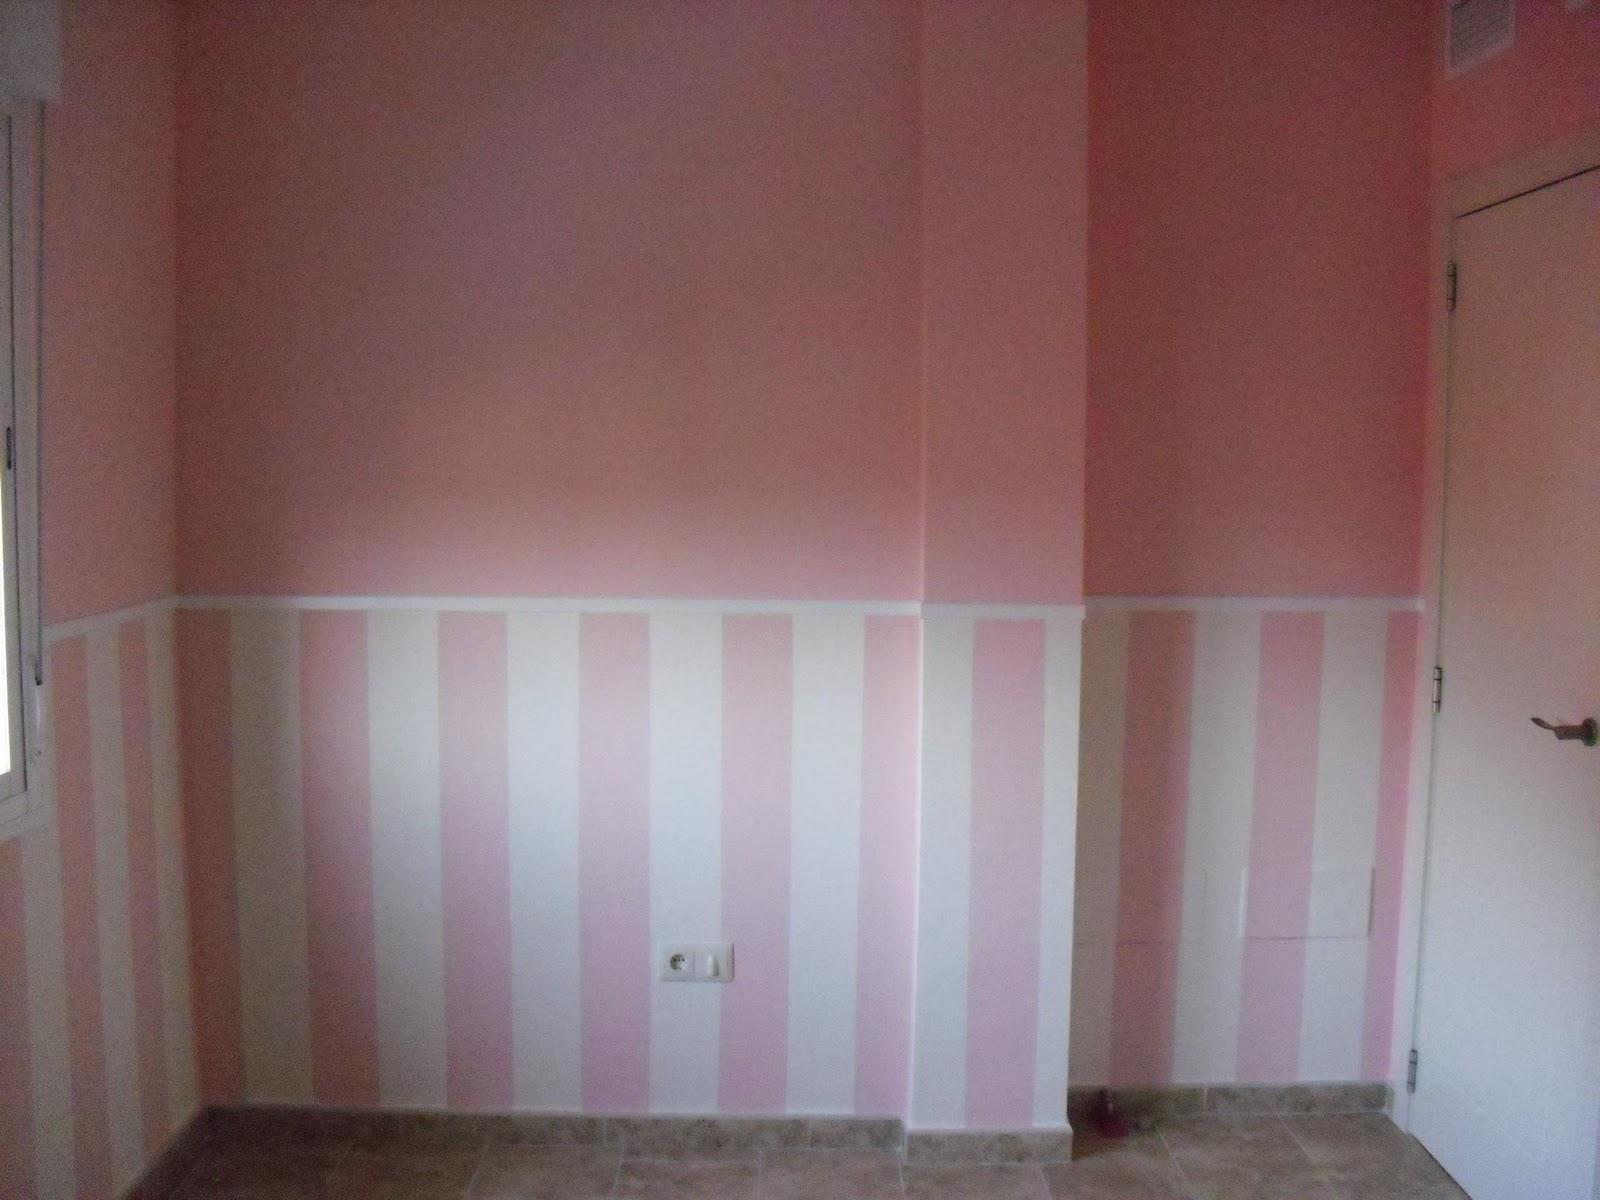 El rinc n de sof a - Precio pintar habitacion ...